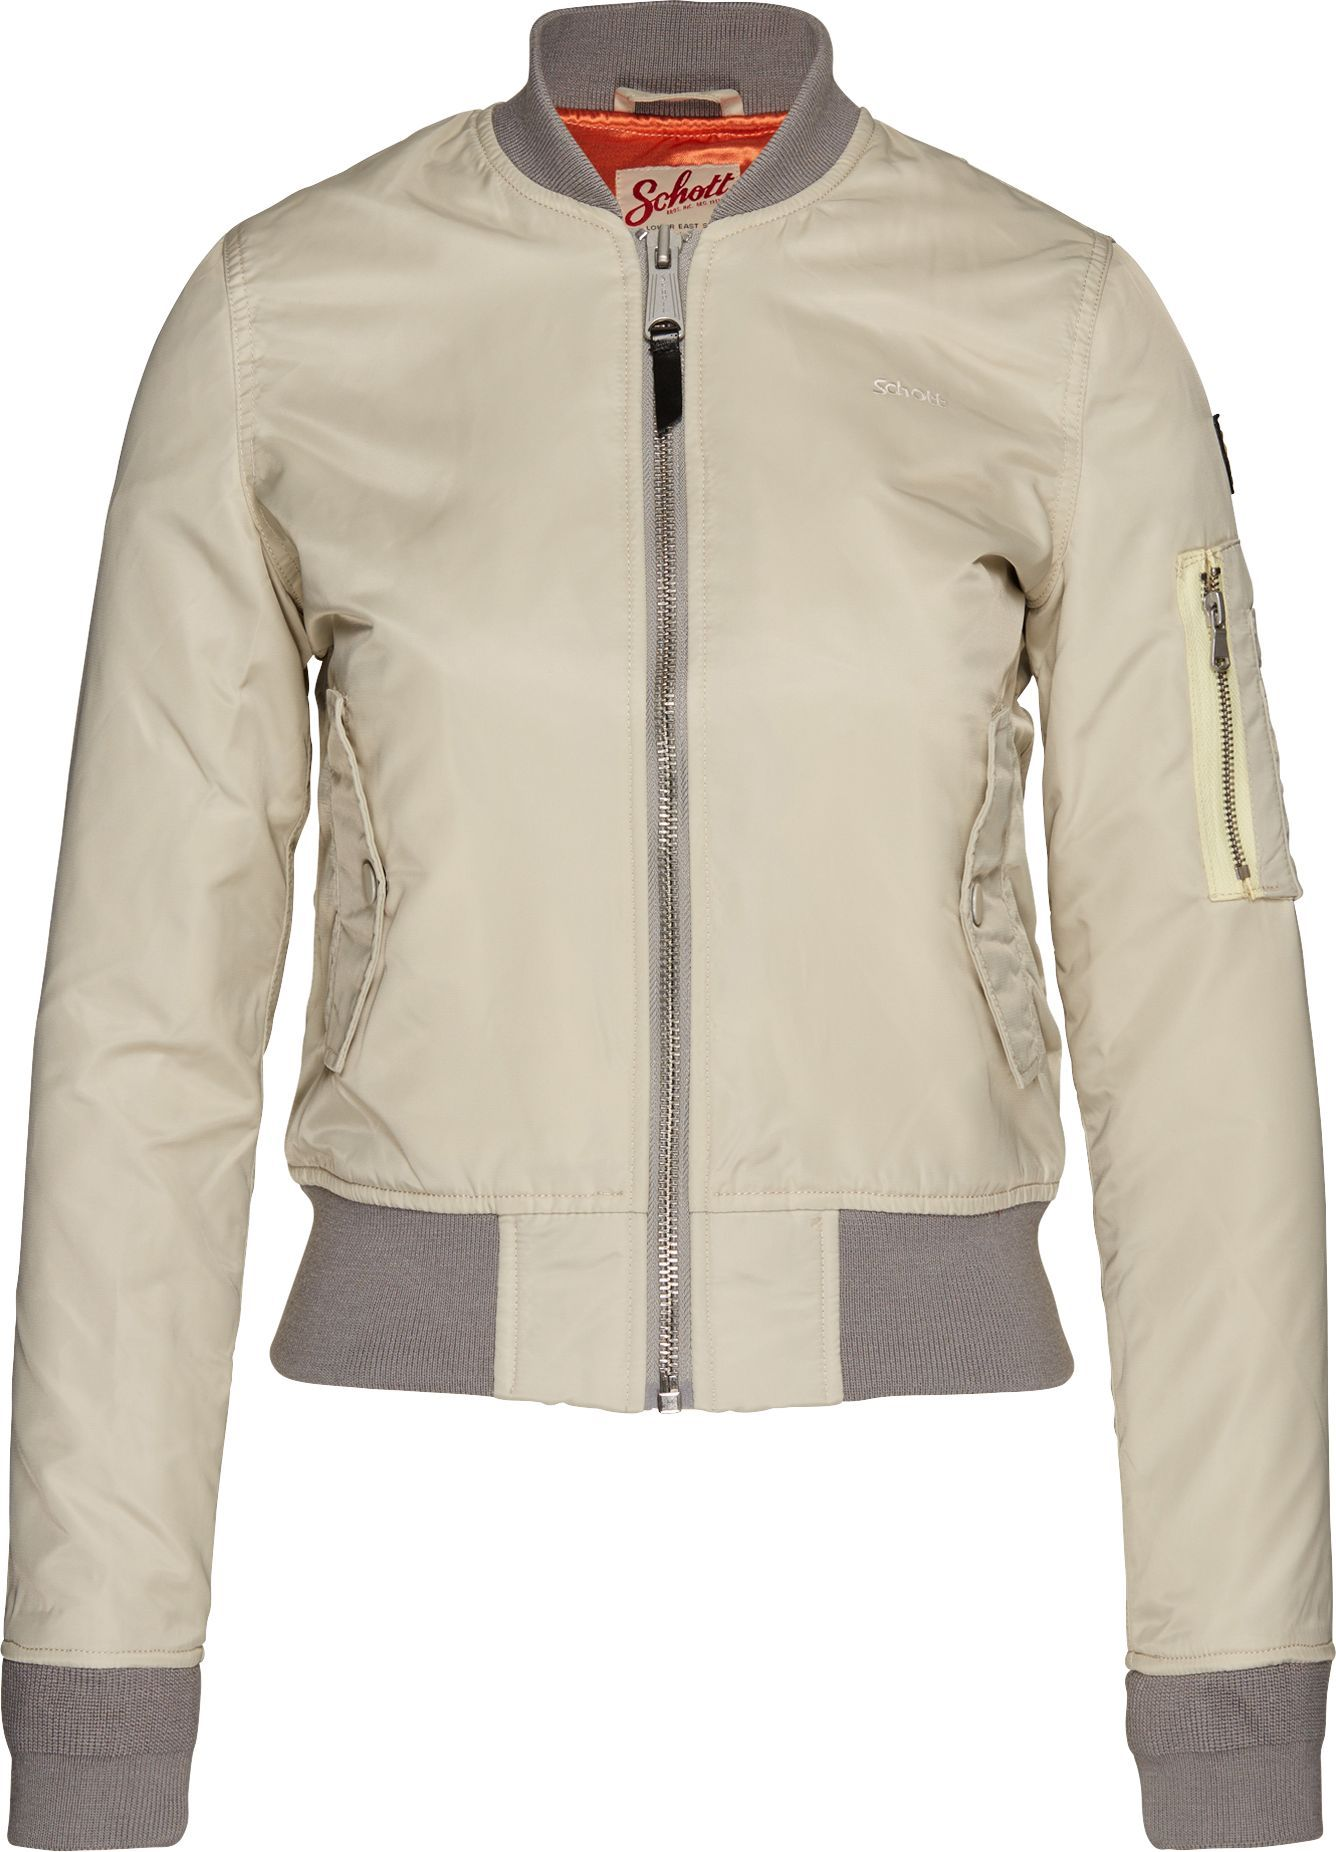 Leichte Damen Designer Für Jacken Versandkostenfrei Bei FJ1c3TlK